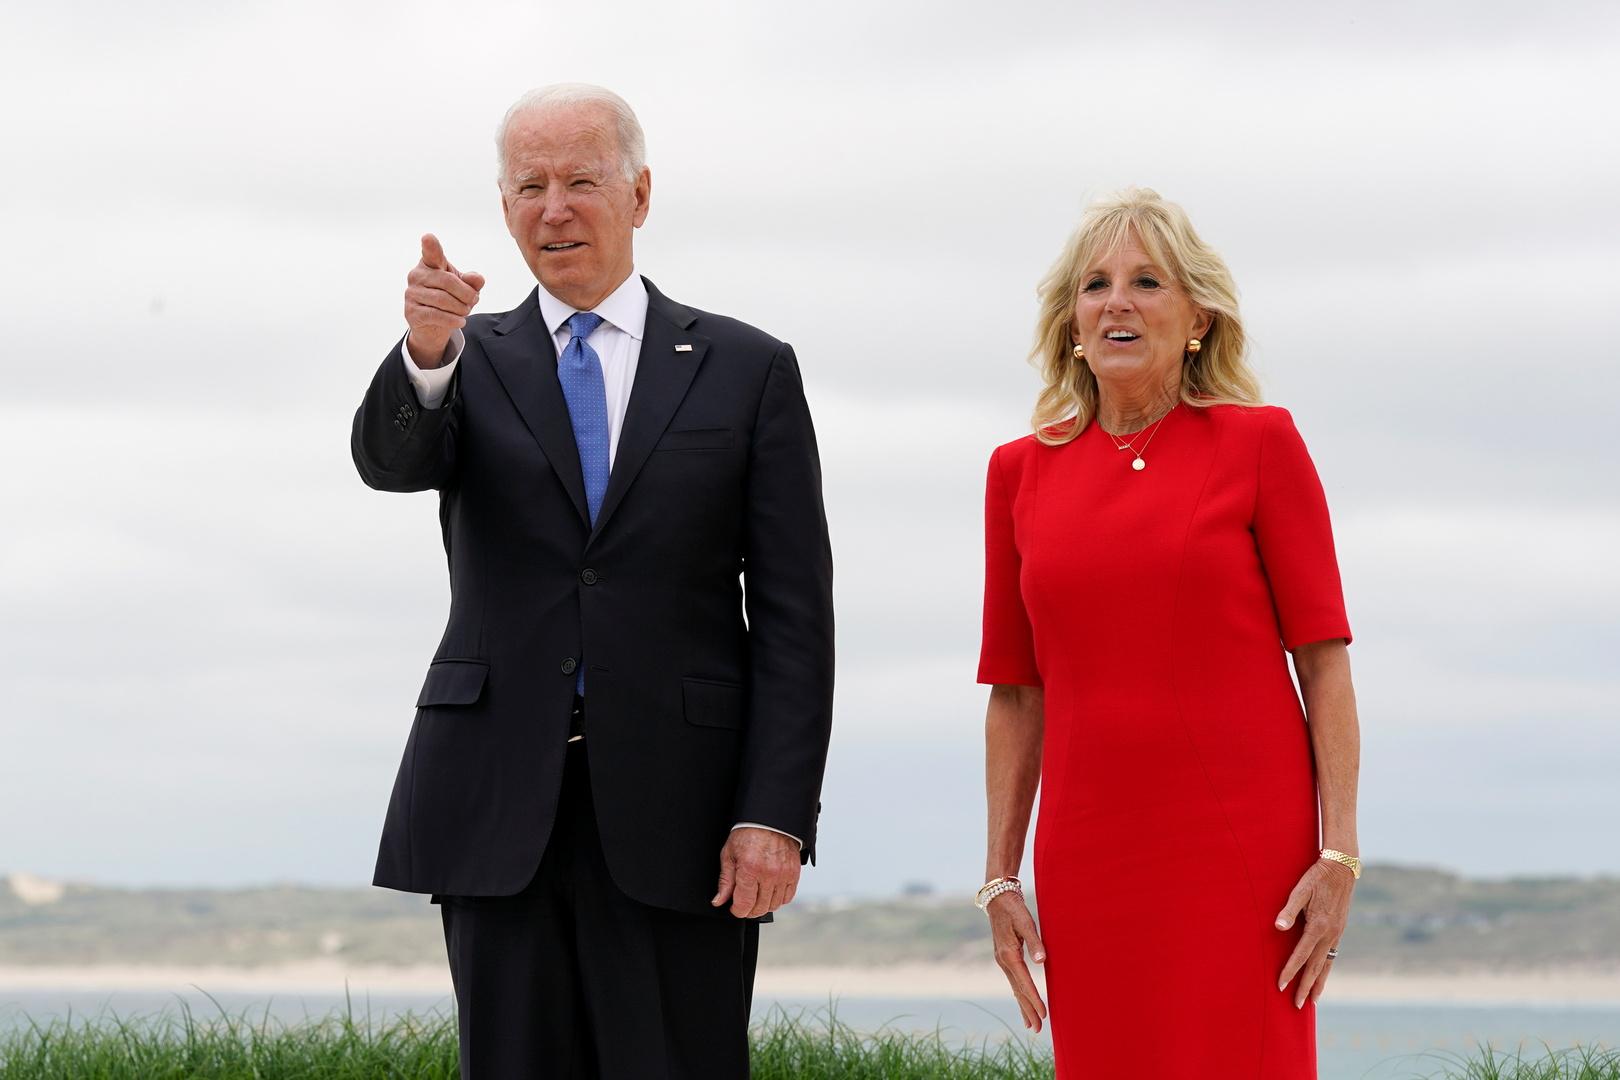 الرئيس الأمريكي جو بايدن وزوجته